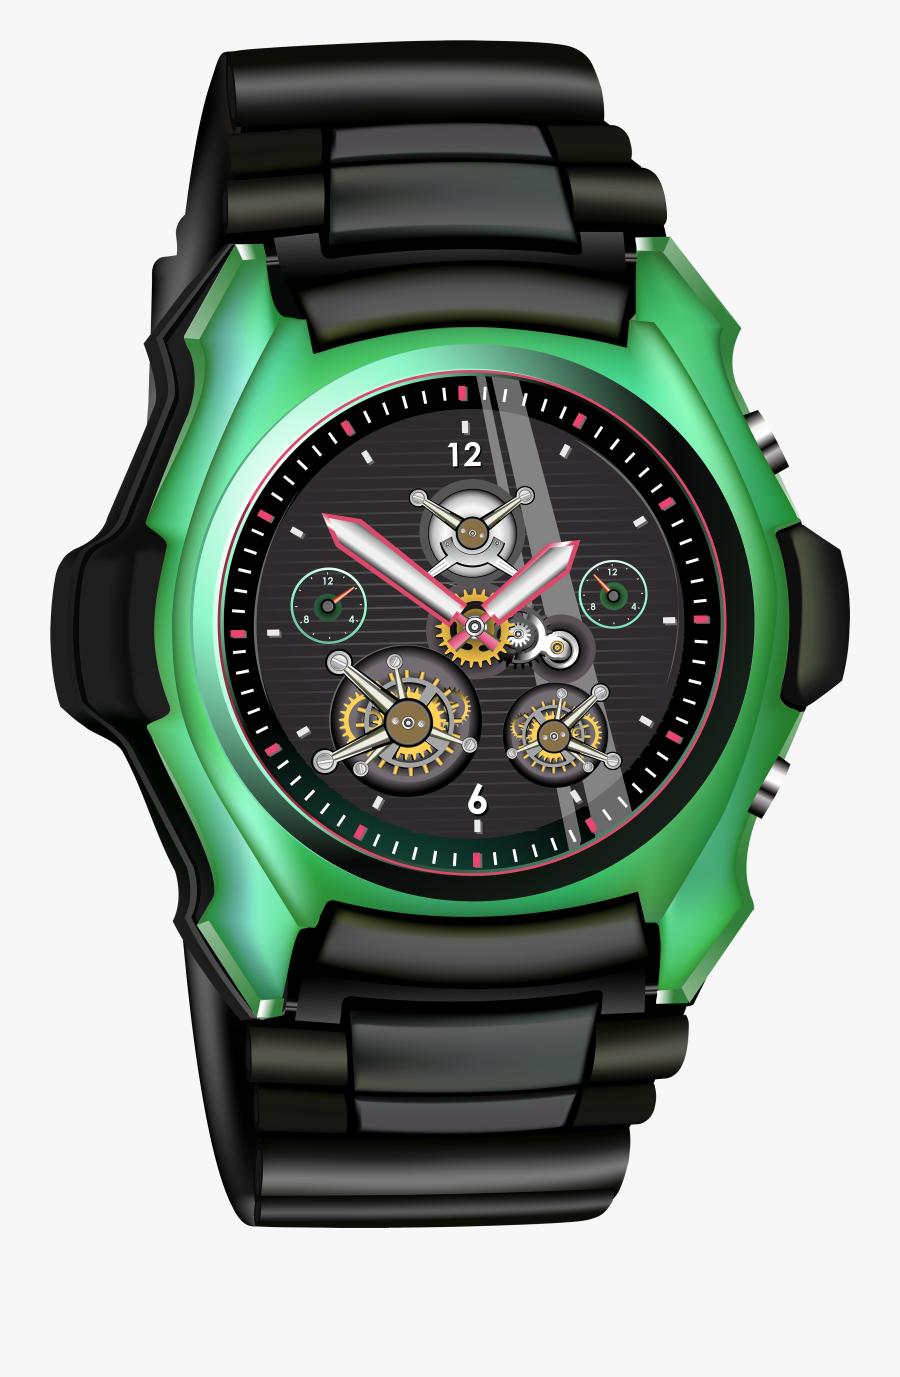 Watch Clipart Png - Wrist Watch Watch Clipart, Transparent Clipart